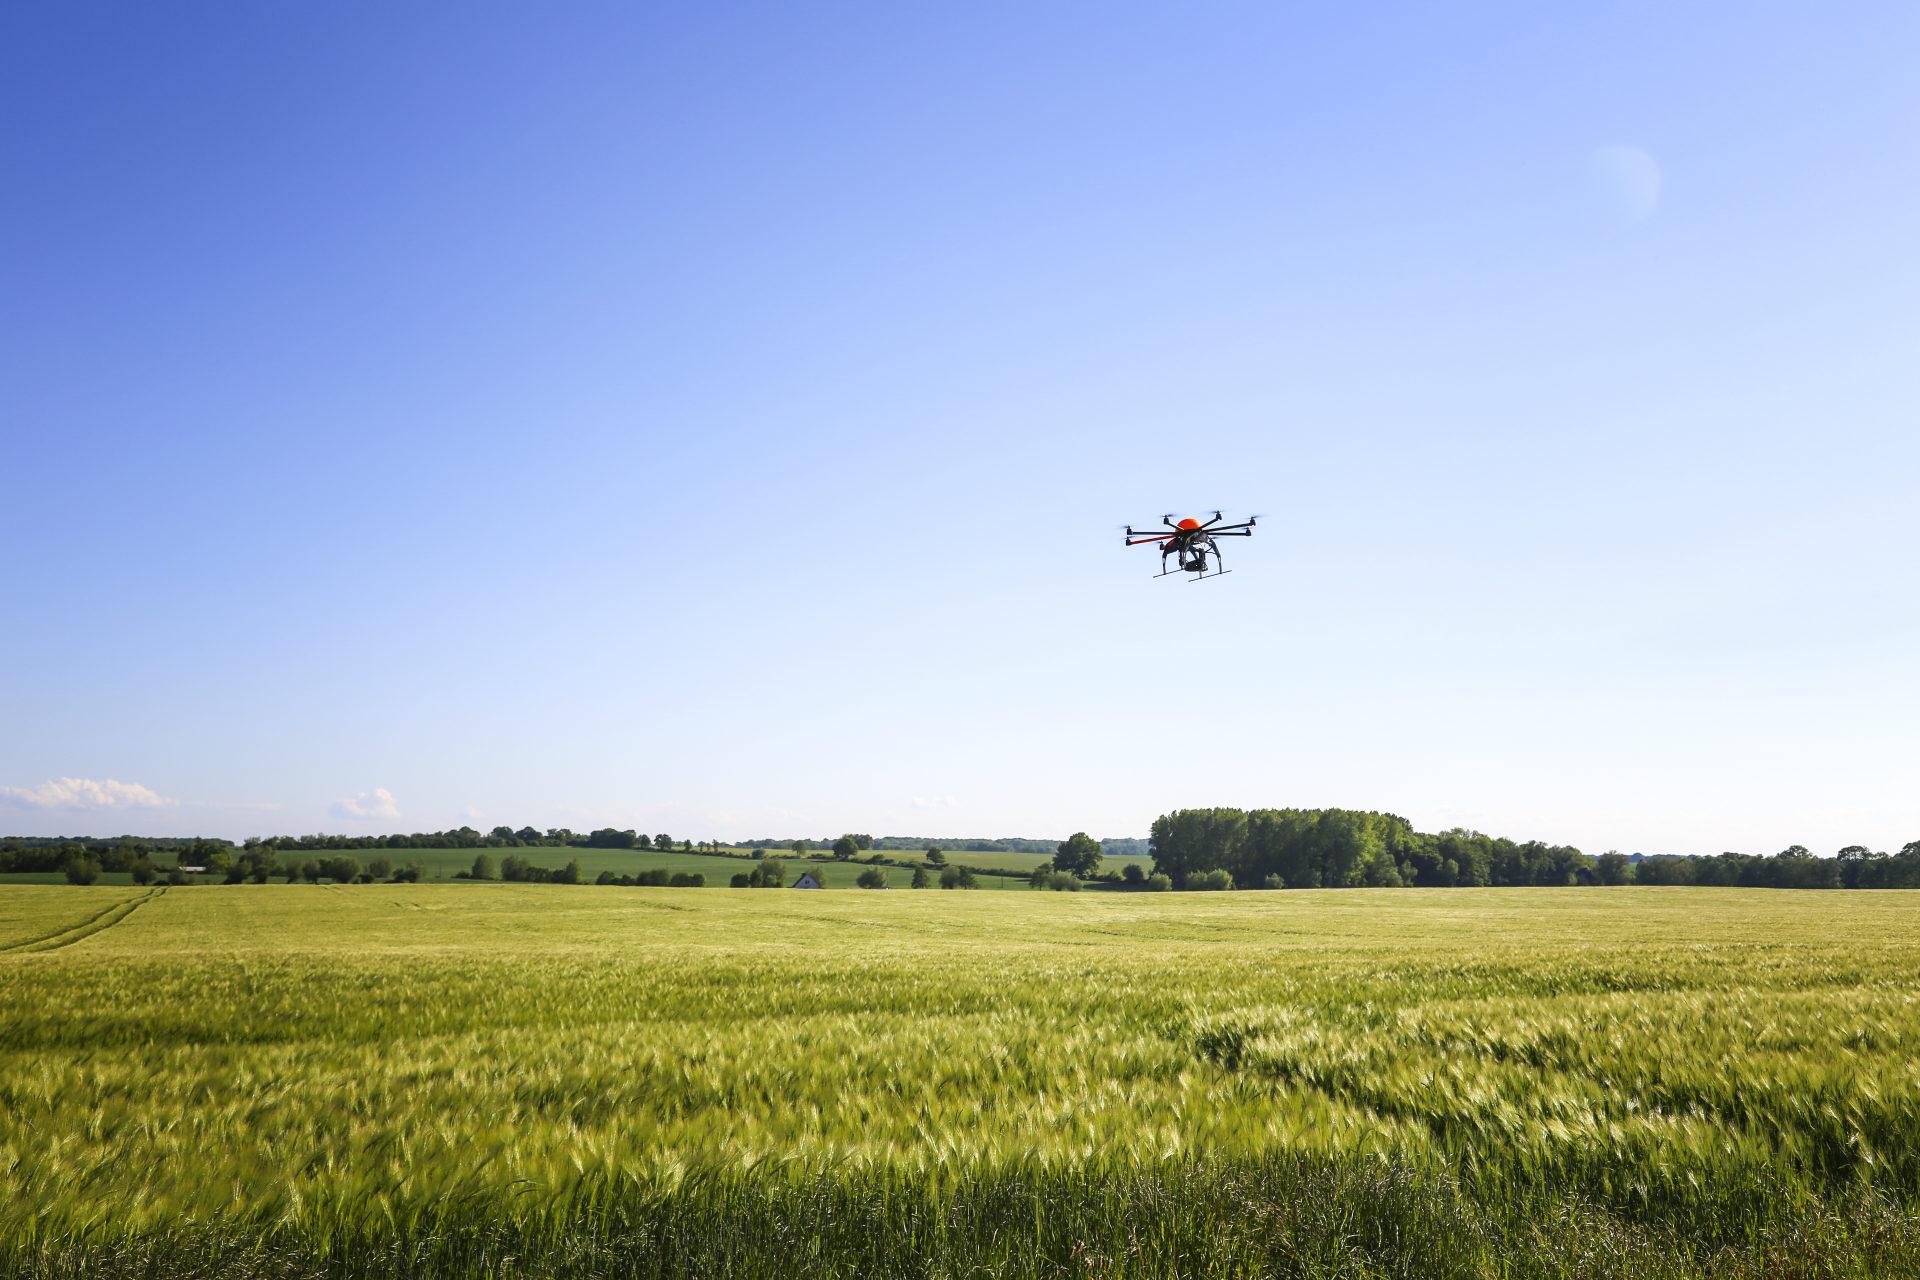 drone flying through a grassy field